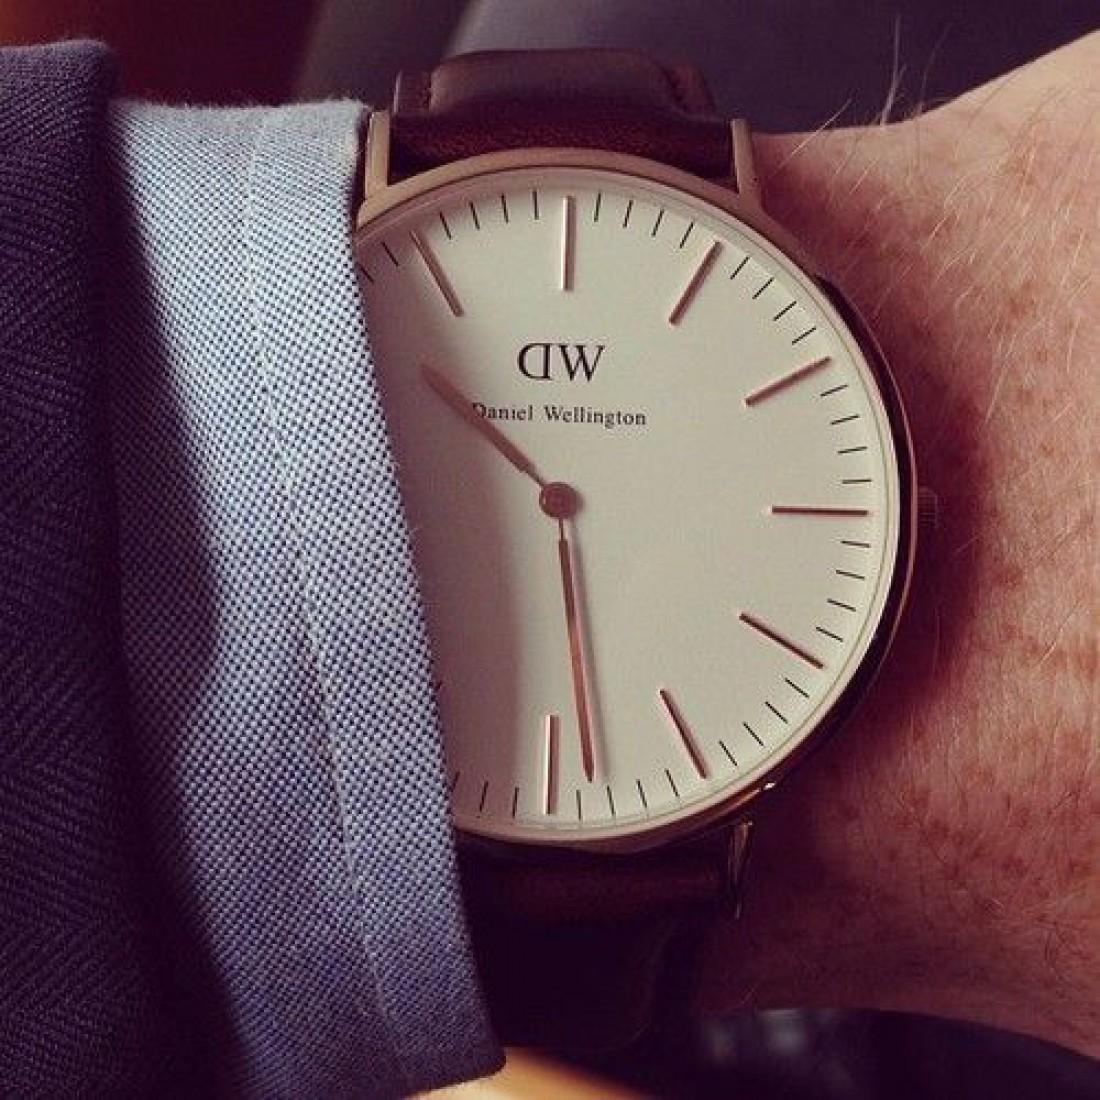 daniel wellington как отличить подделку часы помешает использовать духи